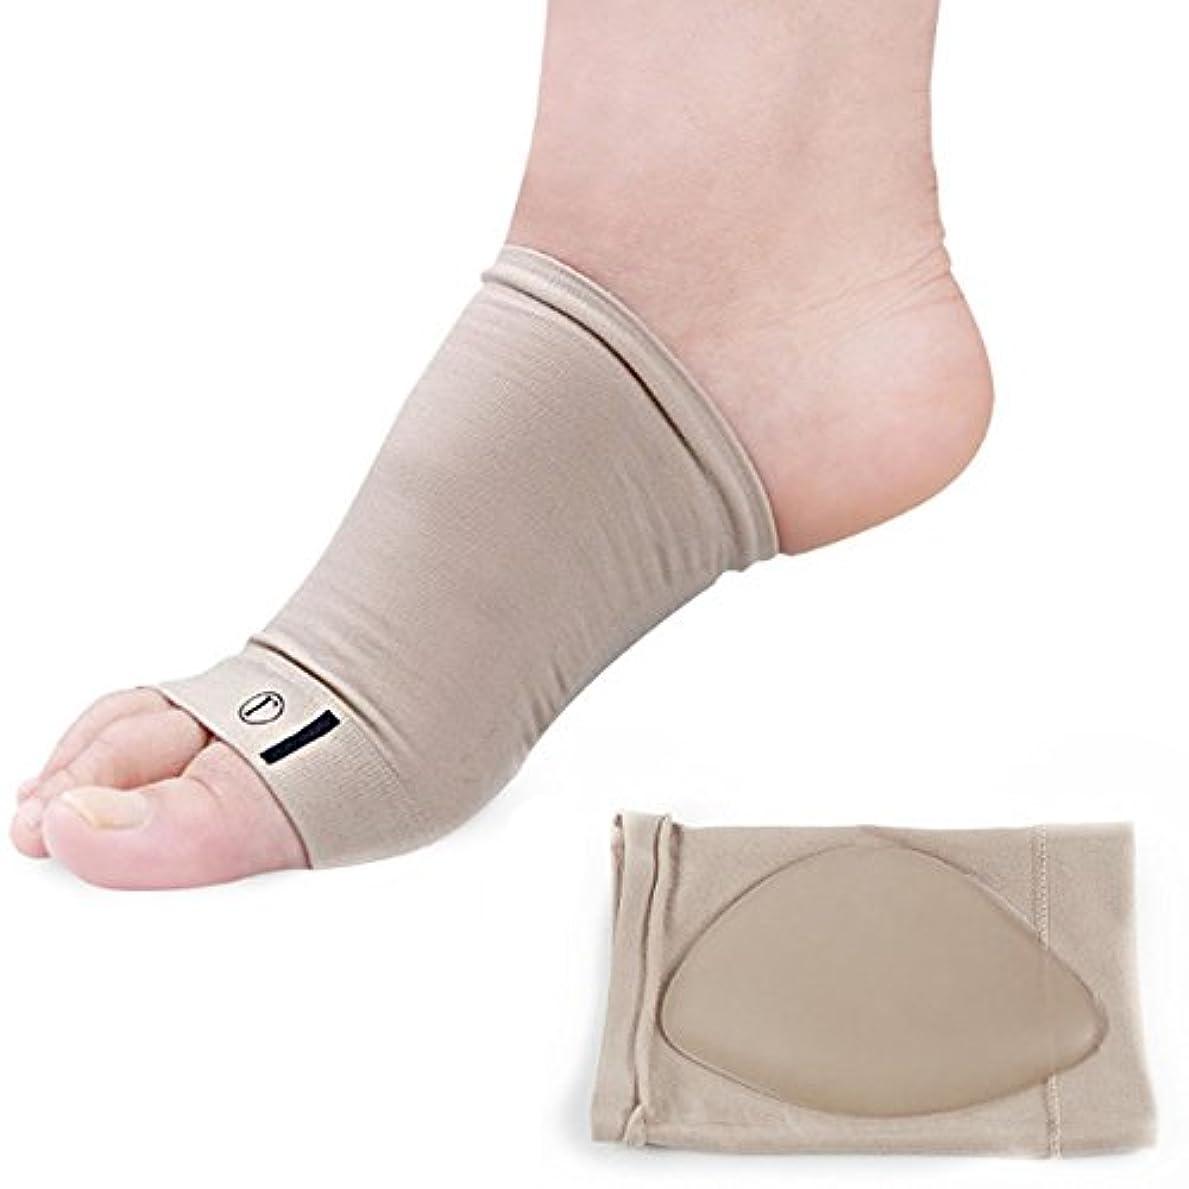 誇りに思うサージ傑作山の奥 足底筋膜炎 アーチサポーター 専用 シリコン インソール 衝撃吸収 足裏 足底の痛みを解消 左右セット 解消足裏パッド